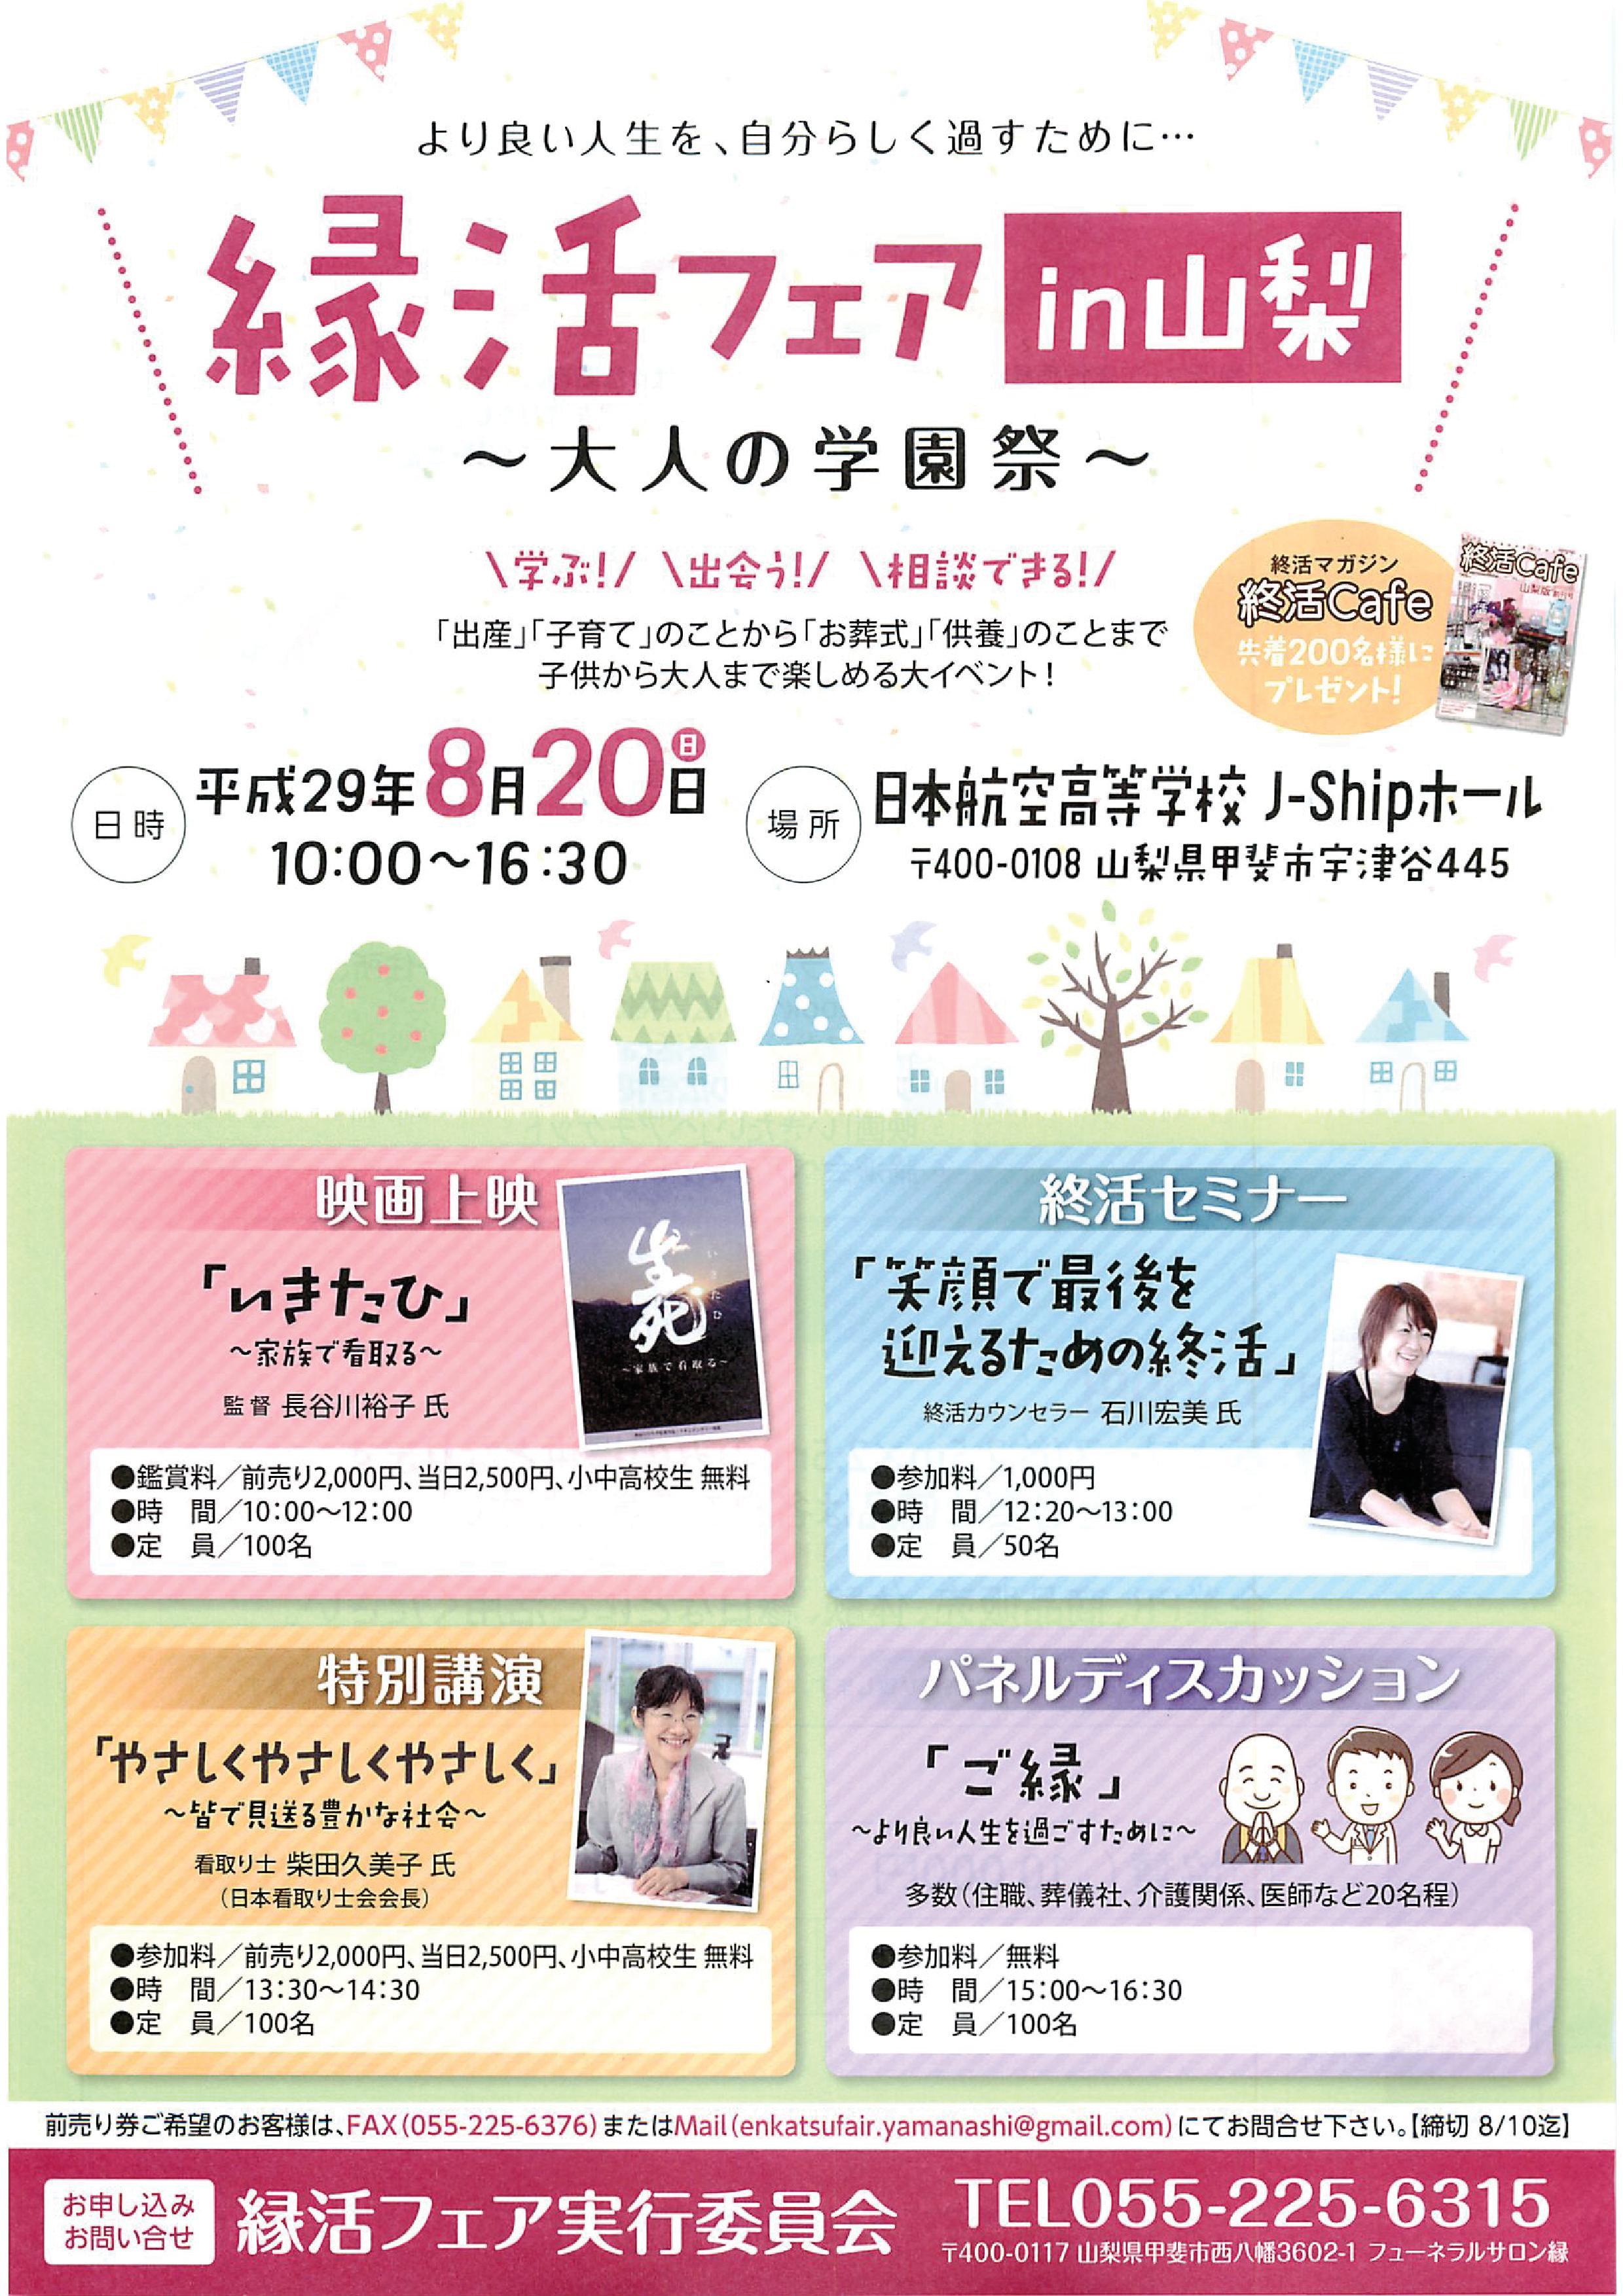 柴田久美子 特別講演会(山梨) 「やさしくやさしくやさしく」 @ 日本航空高等学校 J-Shipホール | 甲斐市 | 山梨県 | 日本